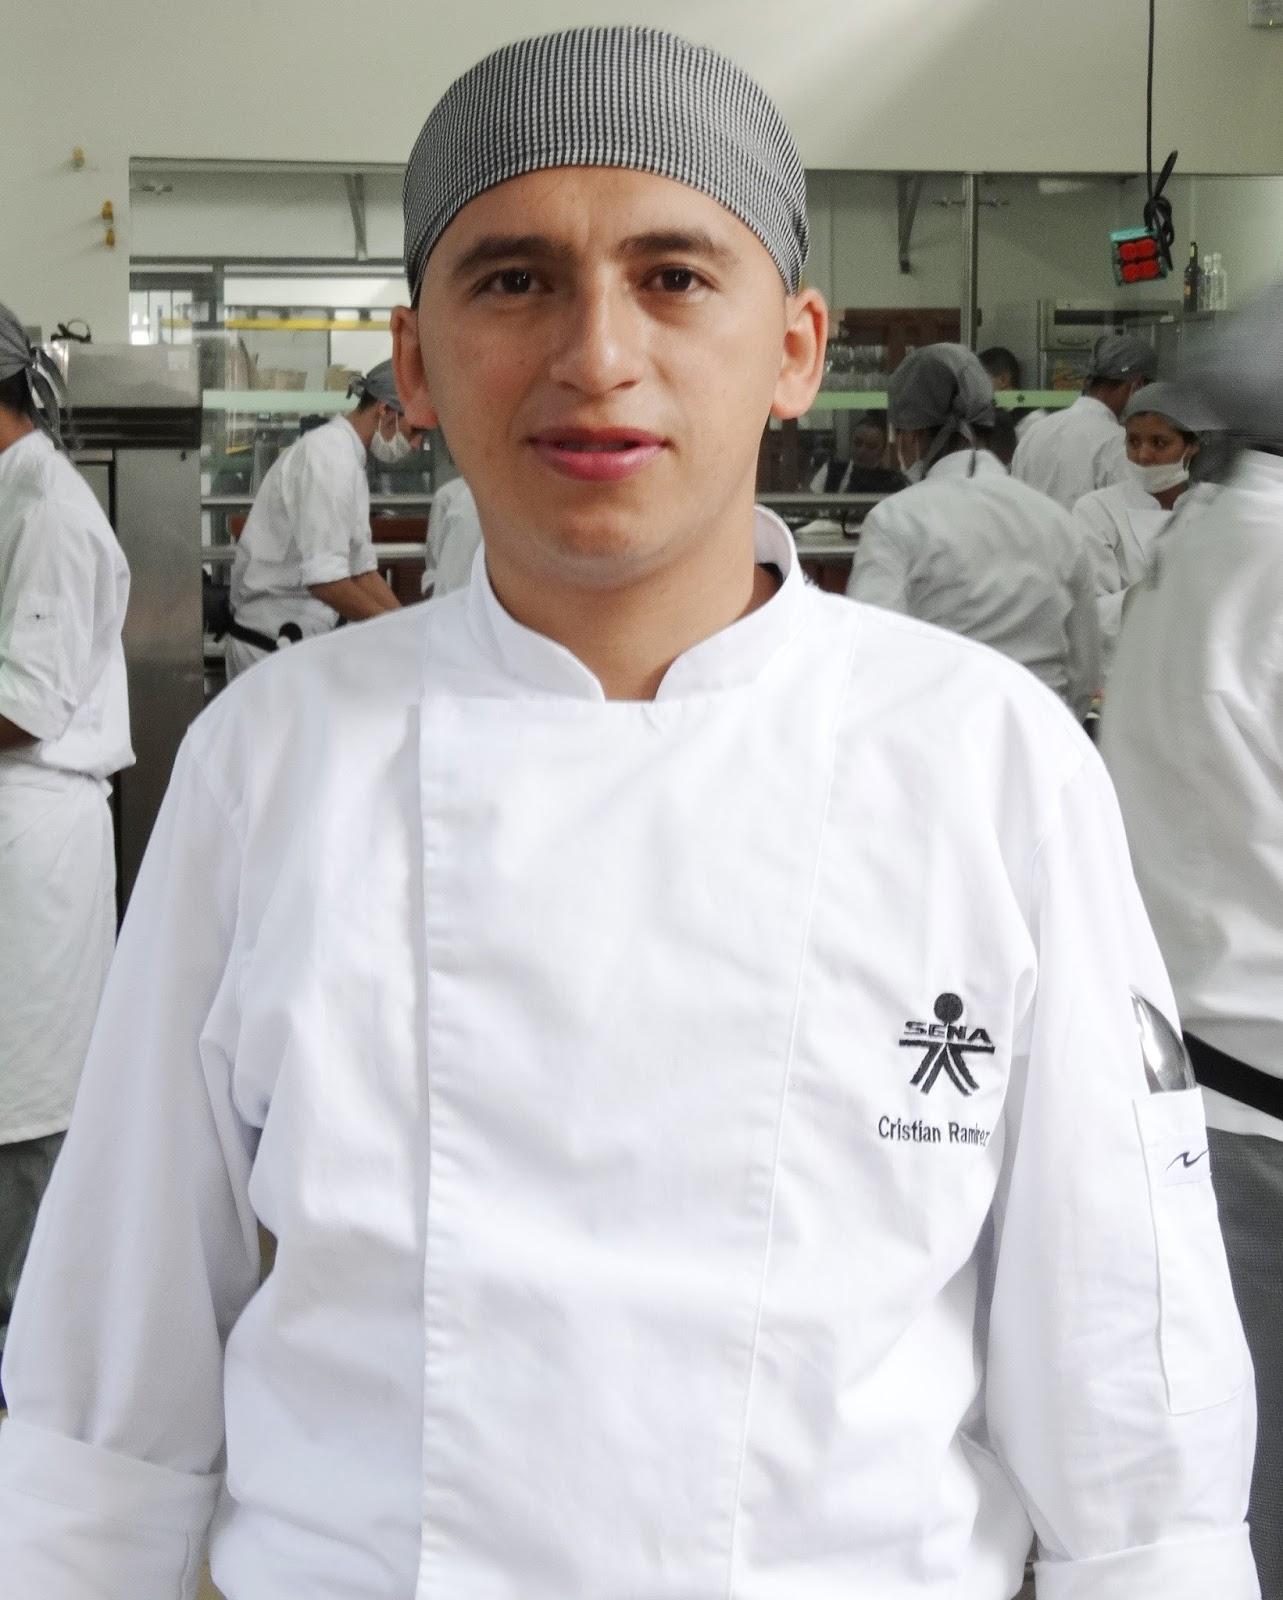 NOTISENA RISARALDA: SENA Risaralda presente en concurso Cocina ...